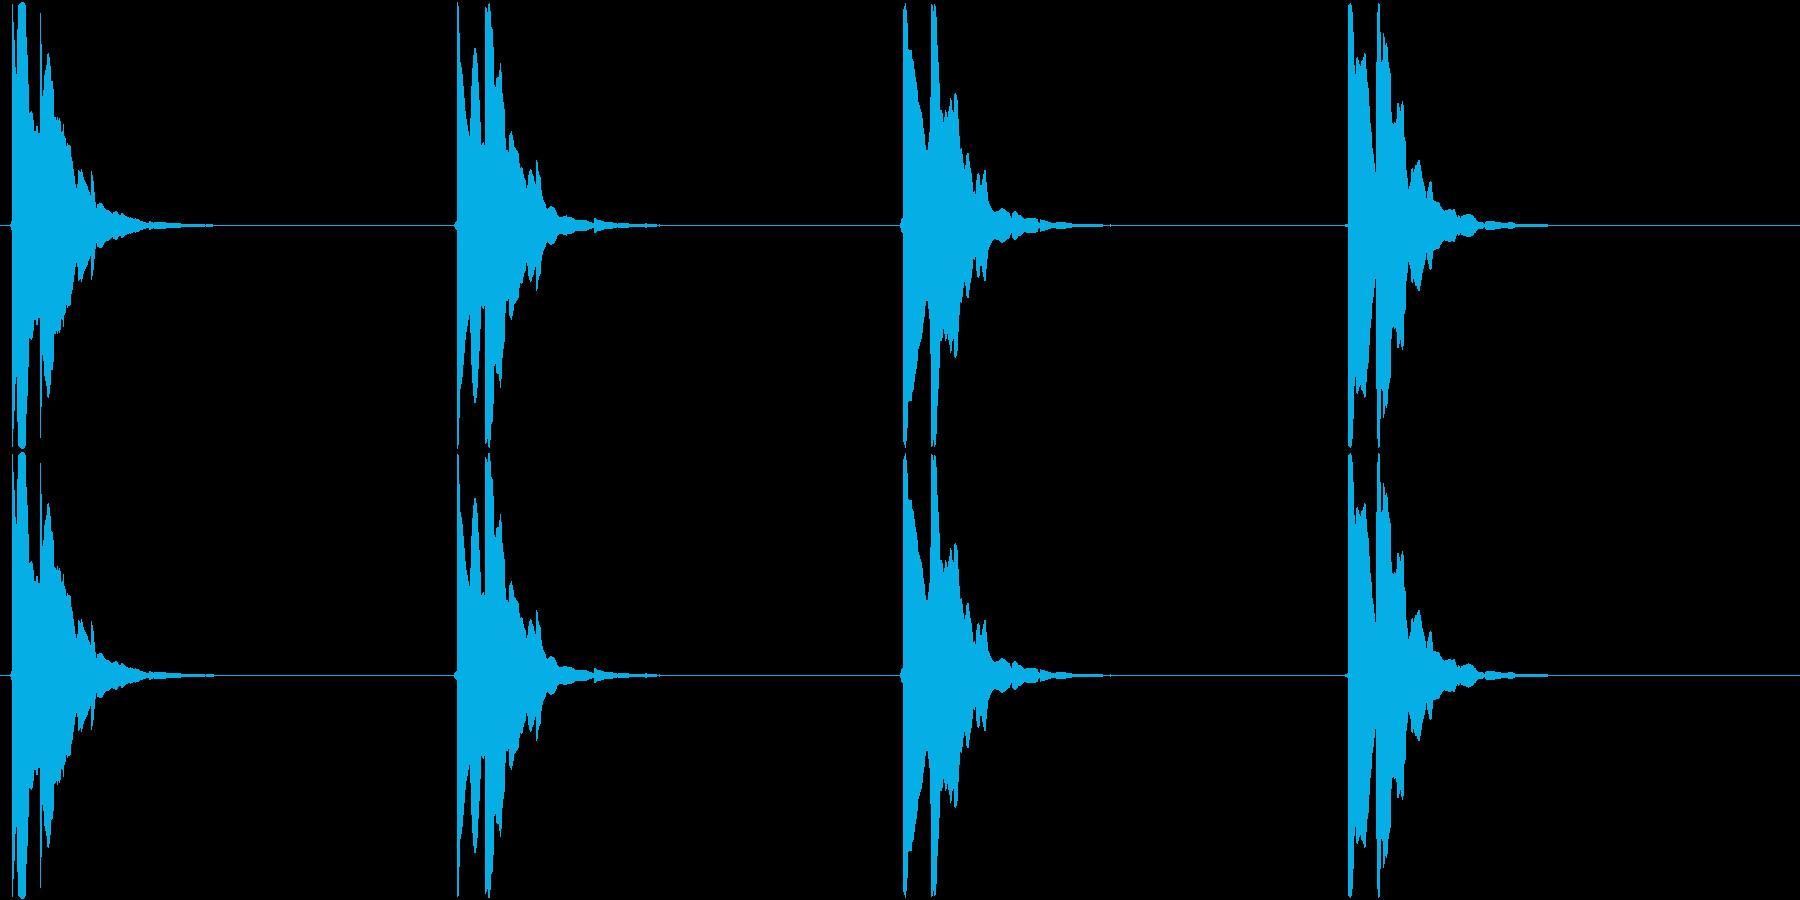 ピコン・・・ピコン(矢印、目的地、点滅)の再生済みの波形